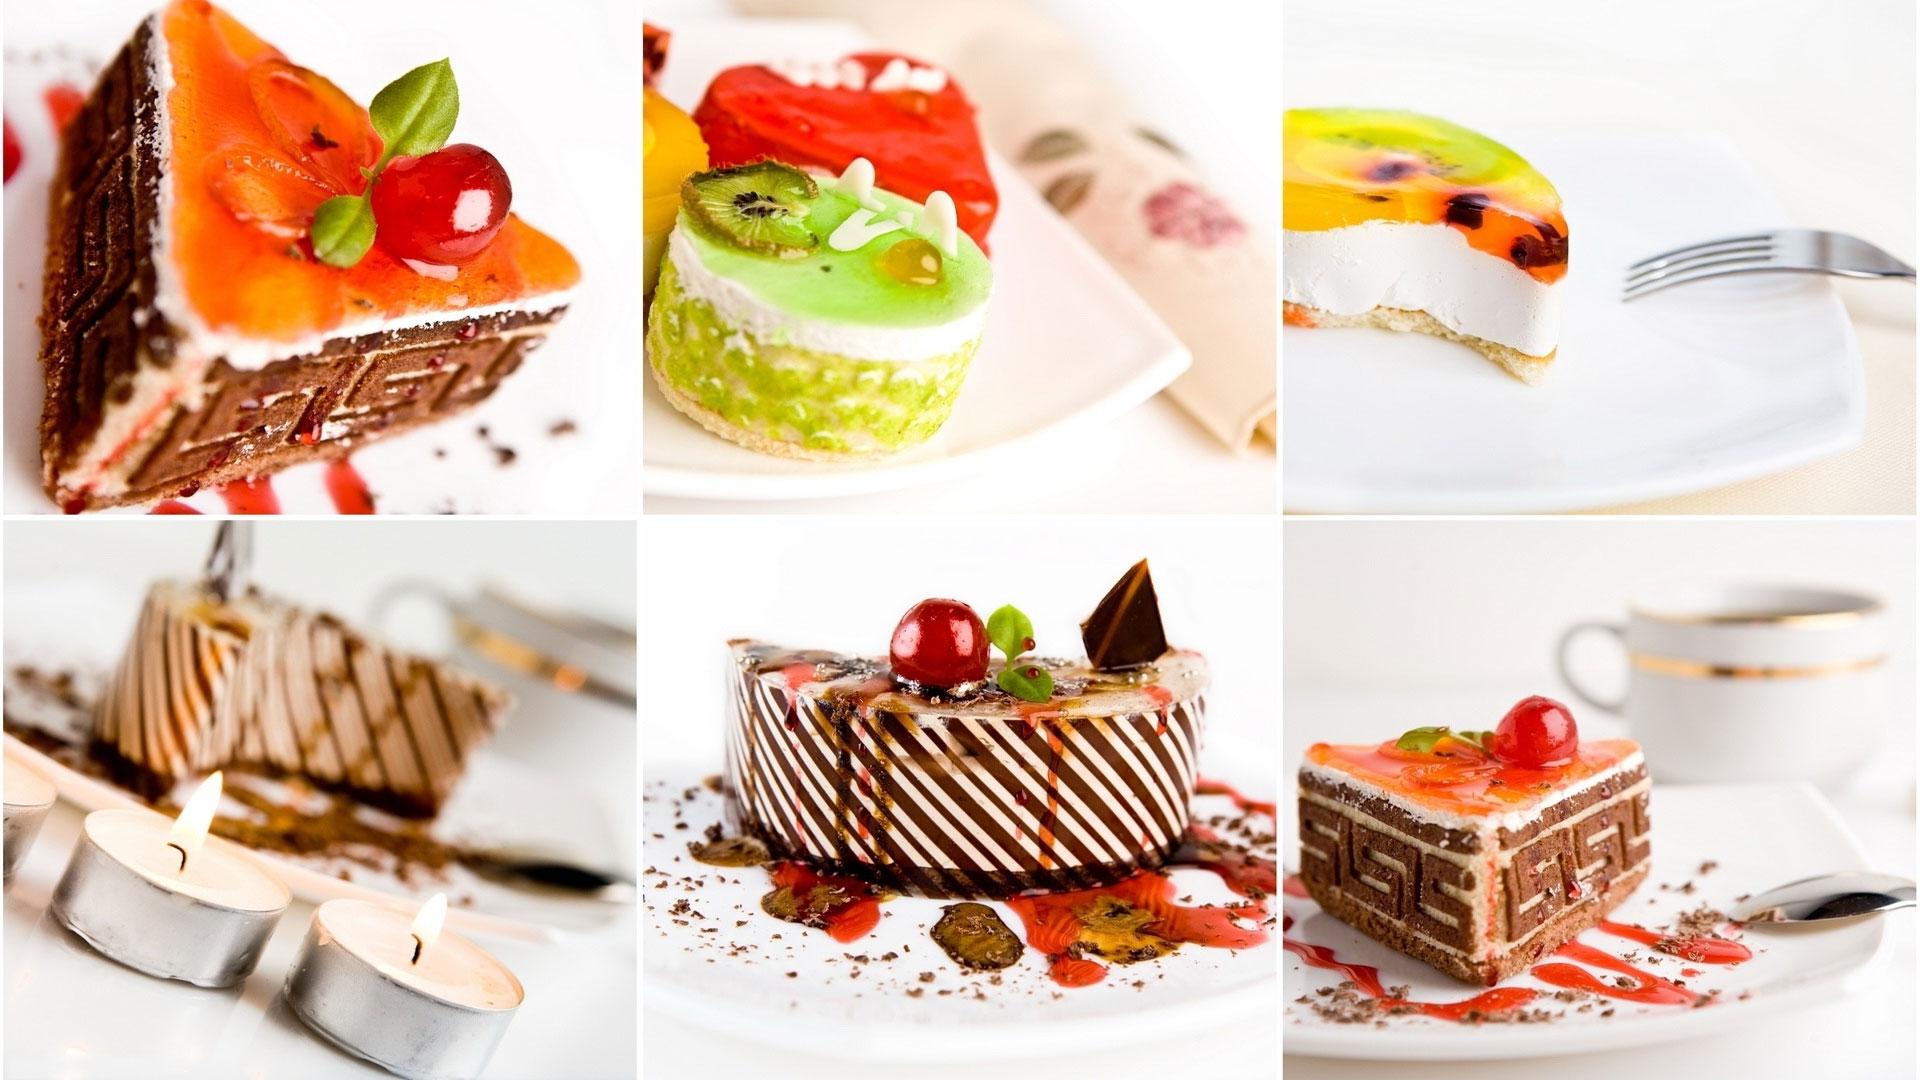 Разные рецепты десертов с фото